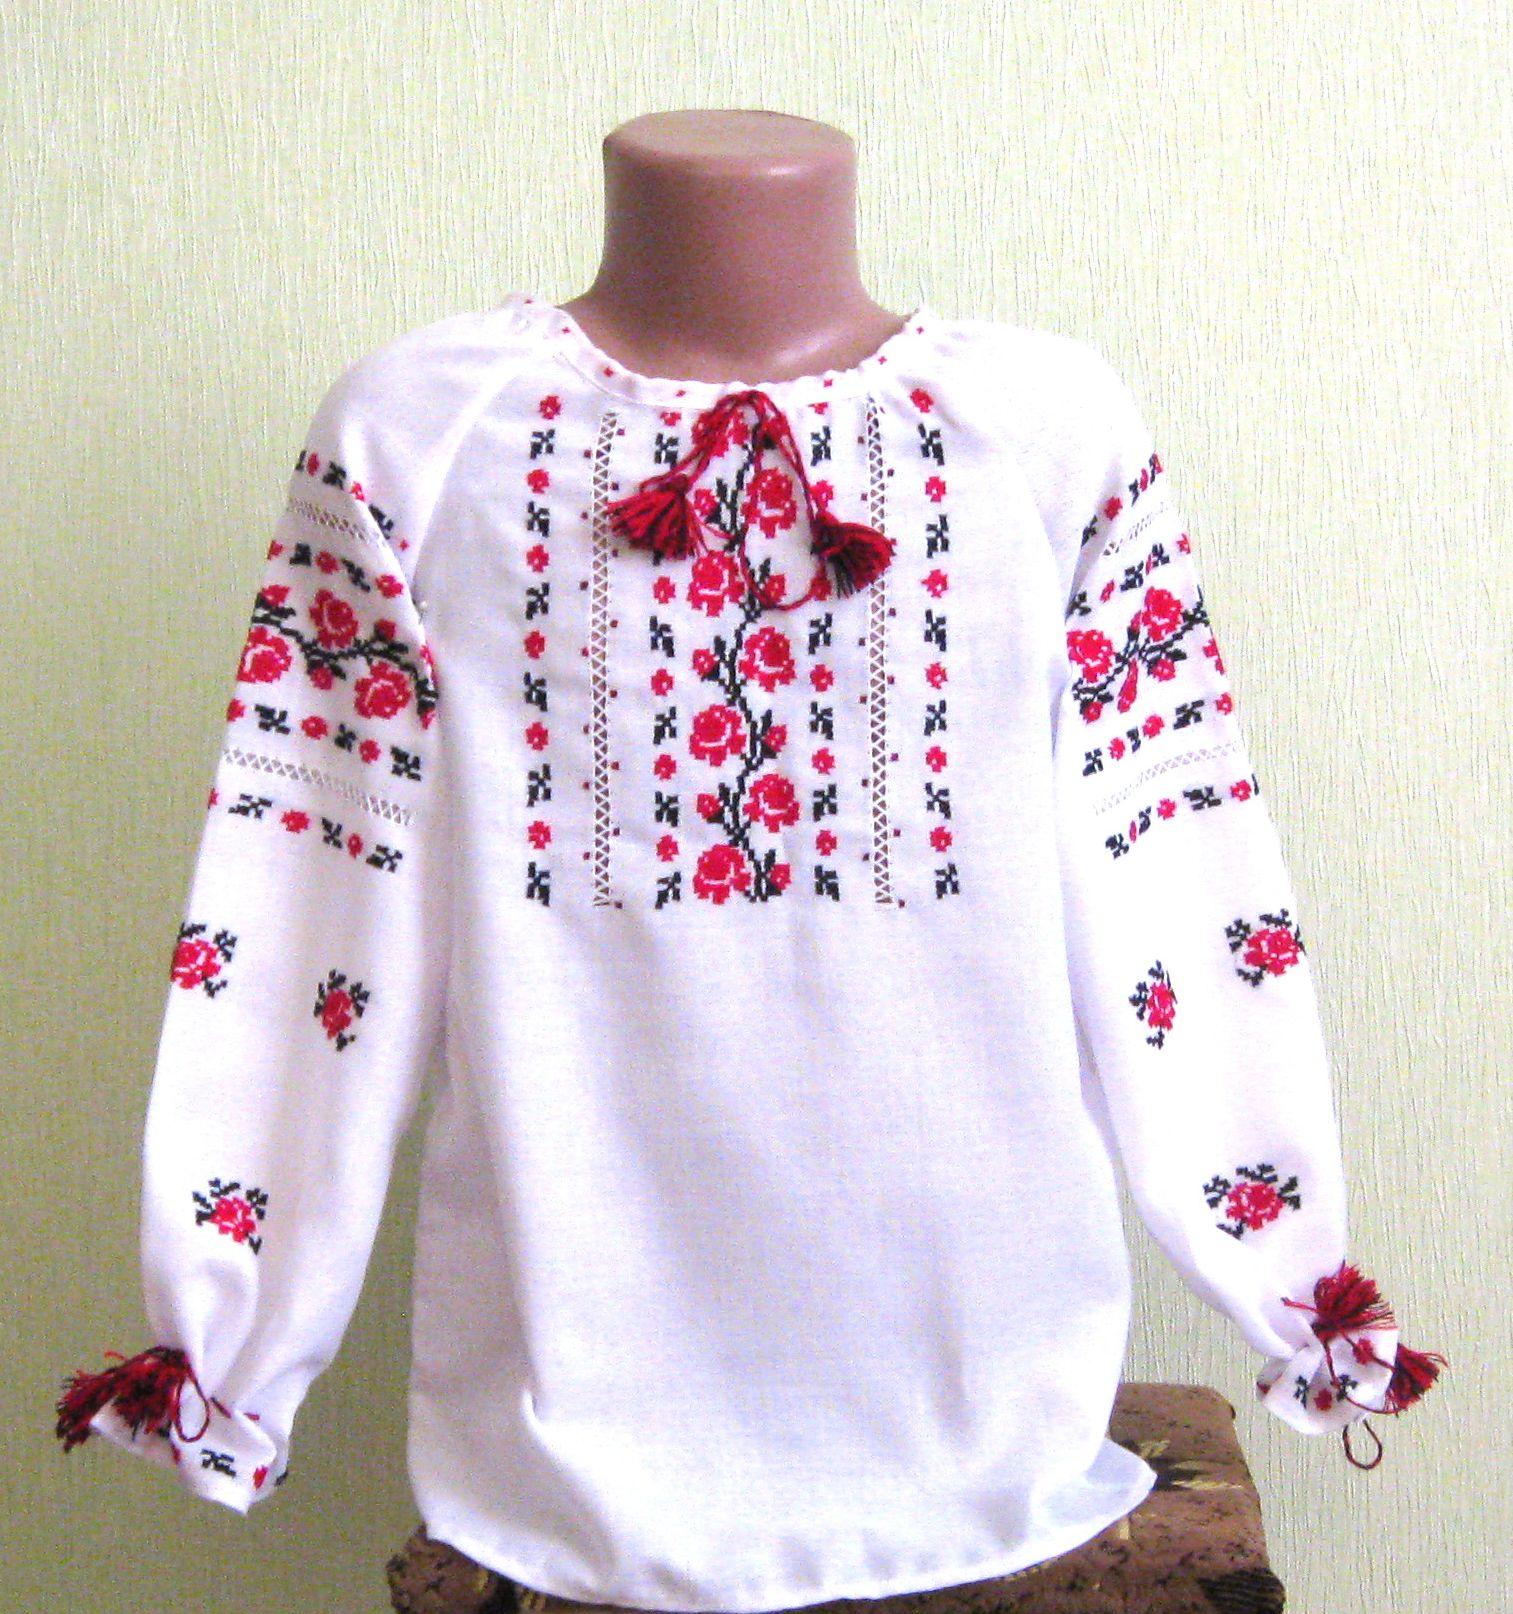 Вишиванка для дівчинки з трояндами ручної роботи ціна 57ca9c9470837